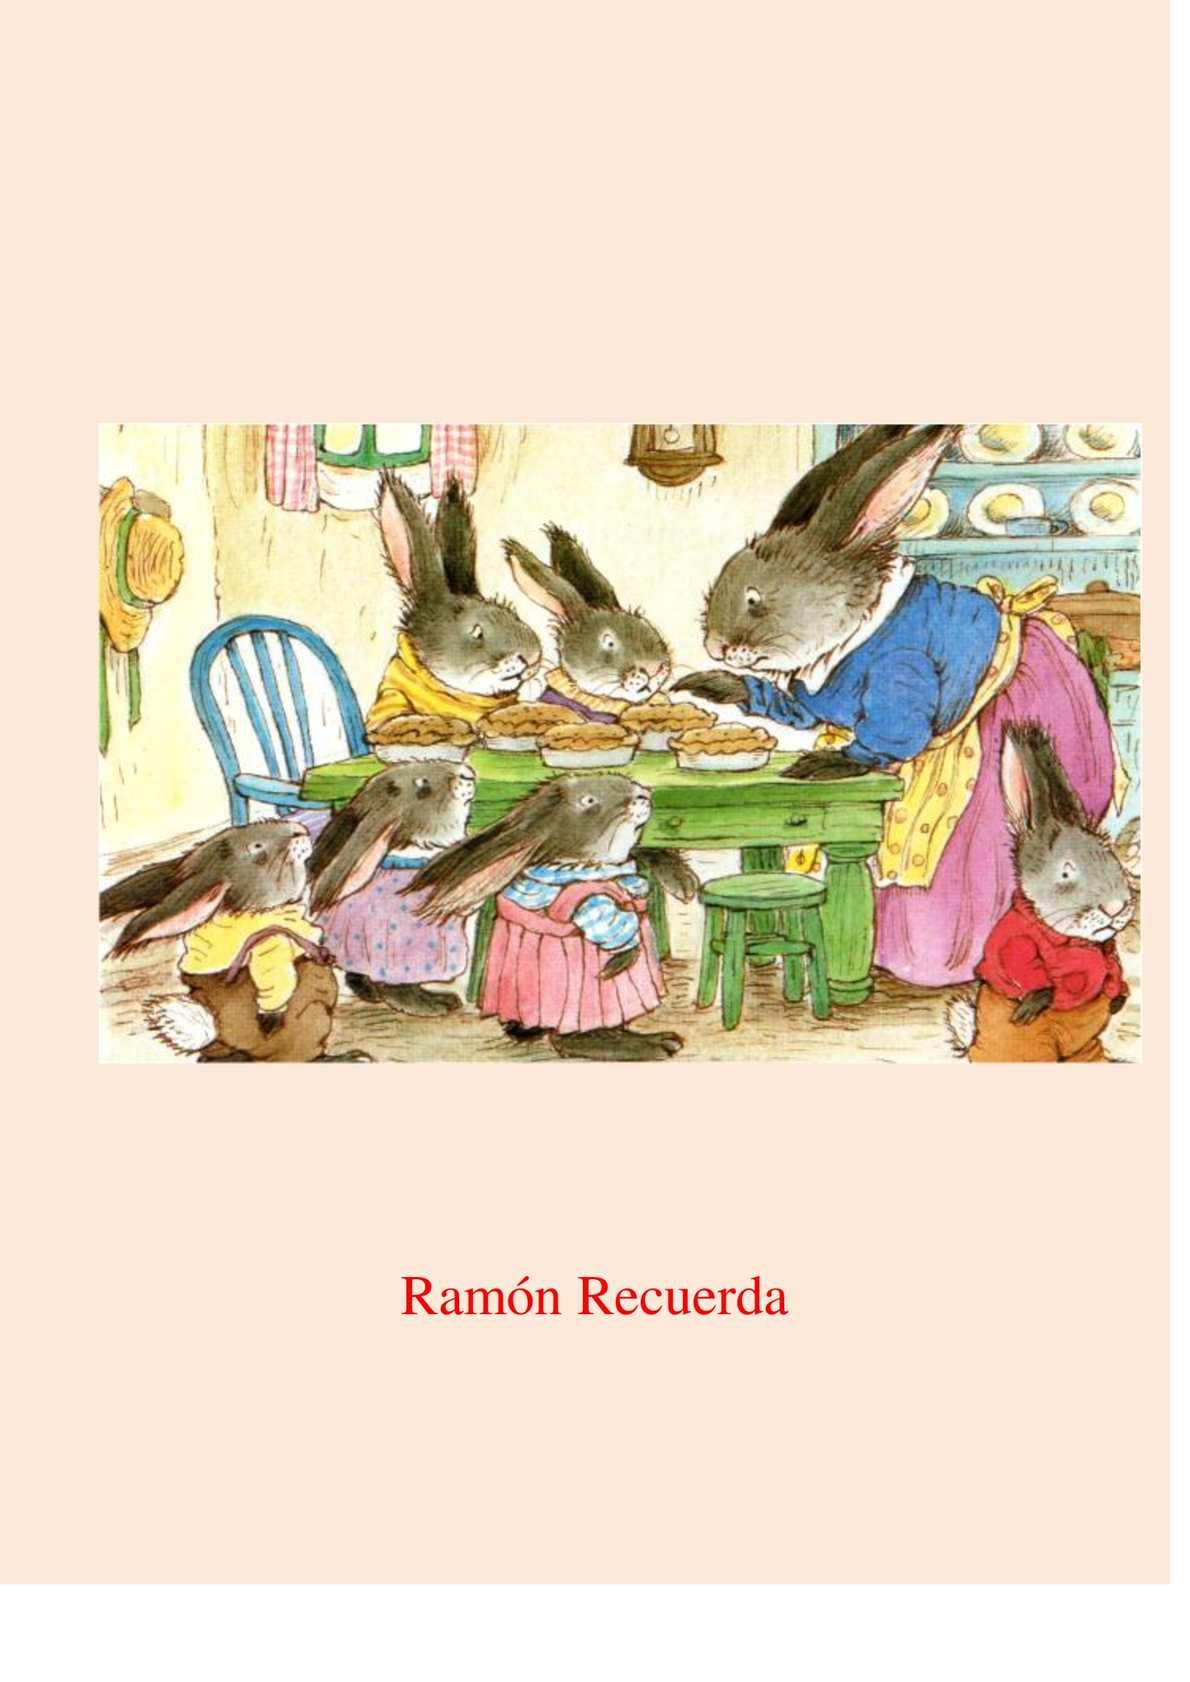 Cuento Ramón Recuerda